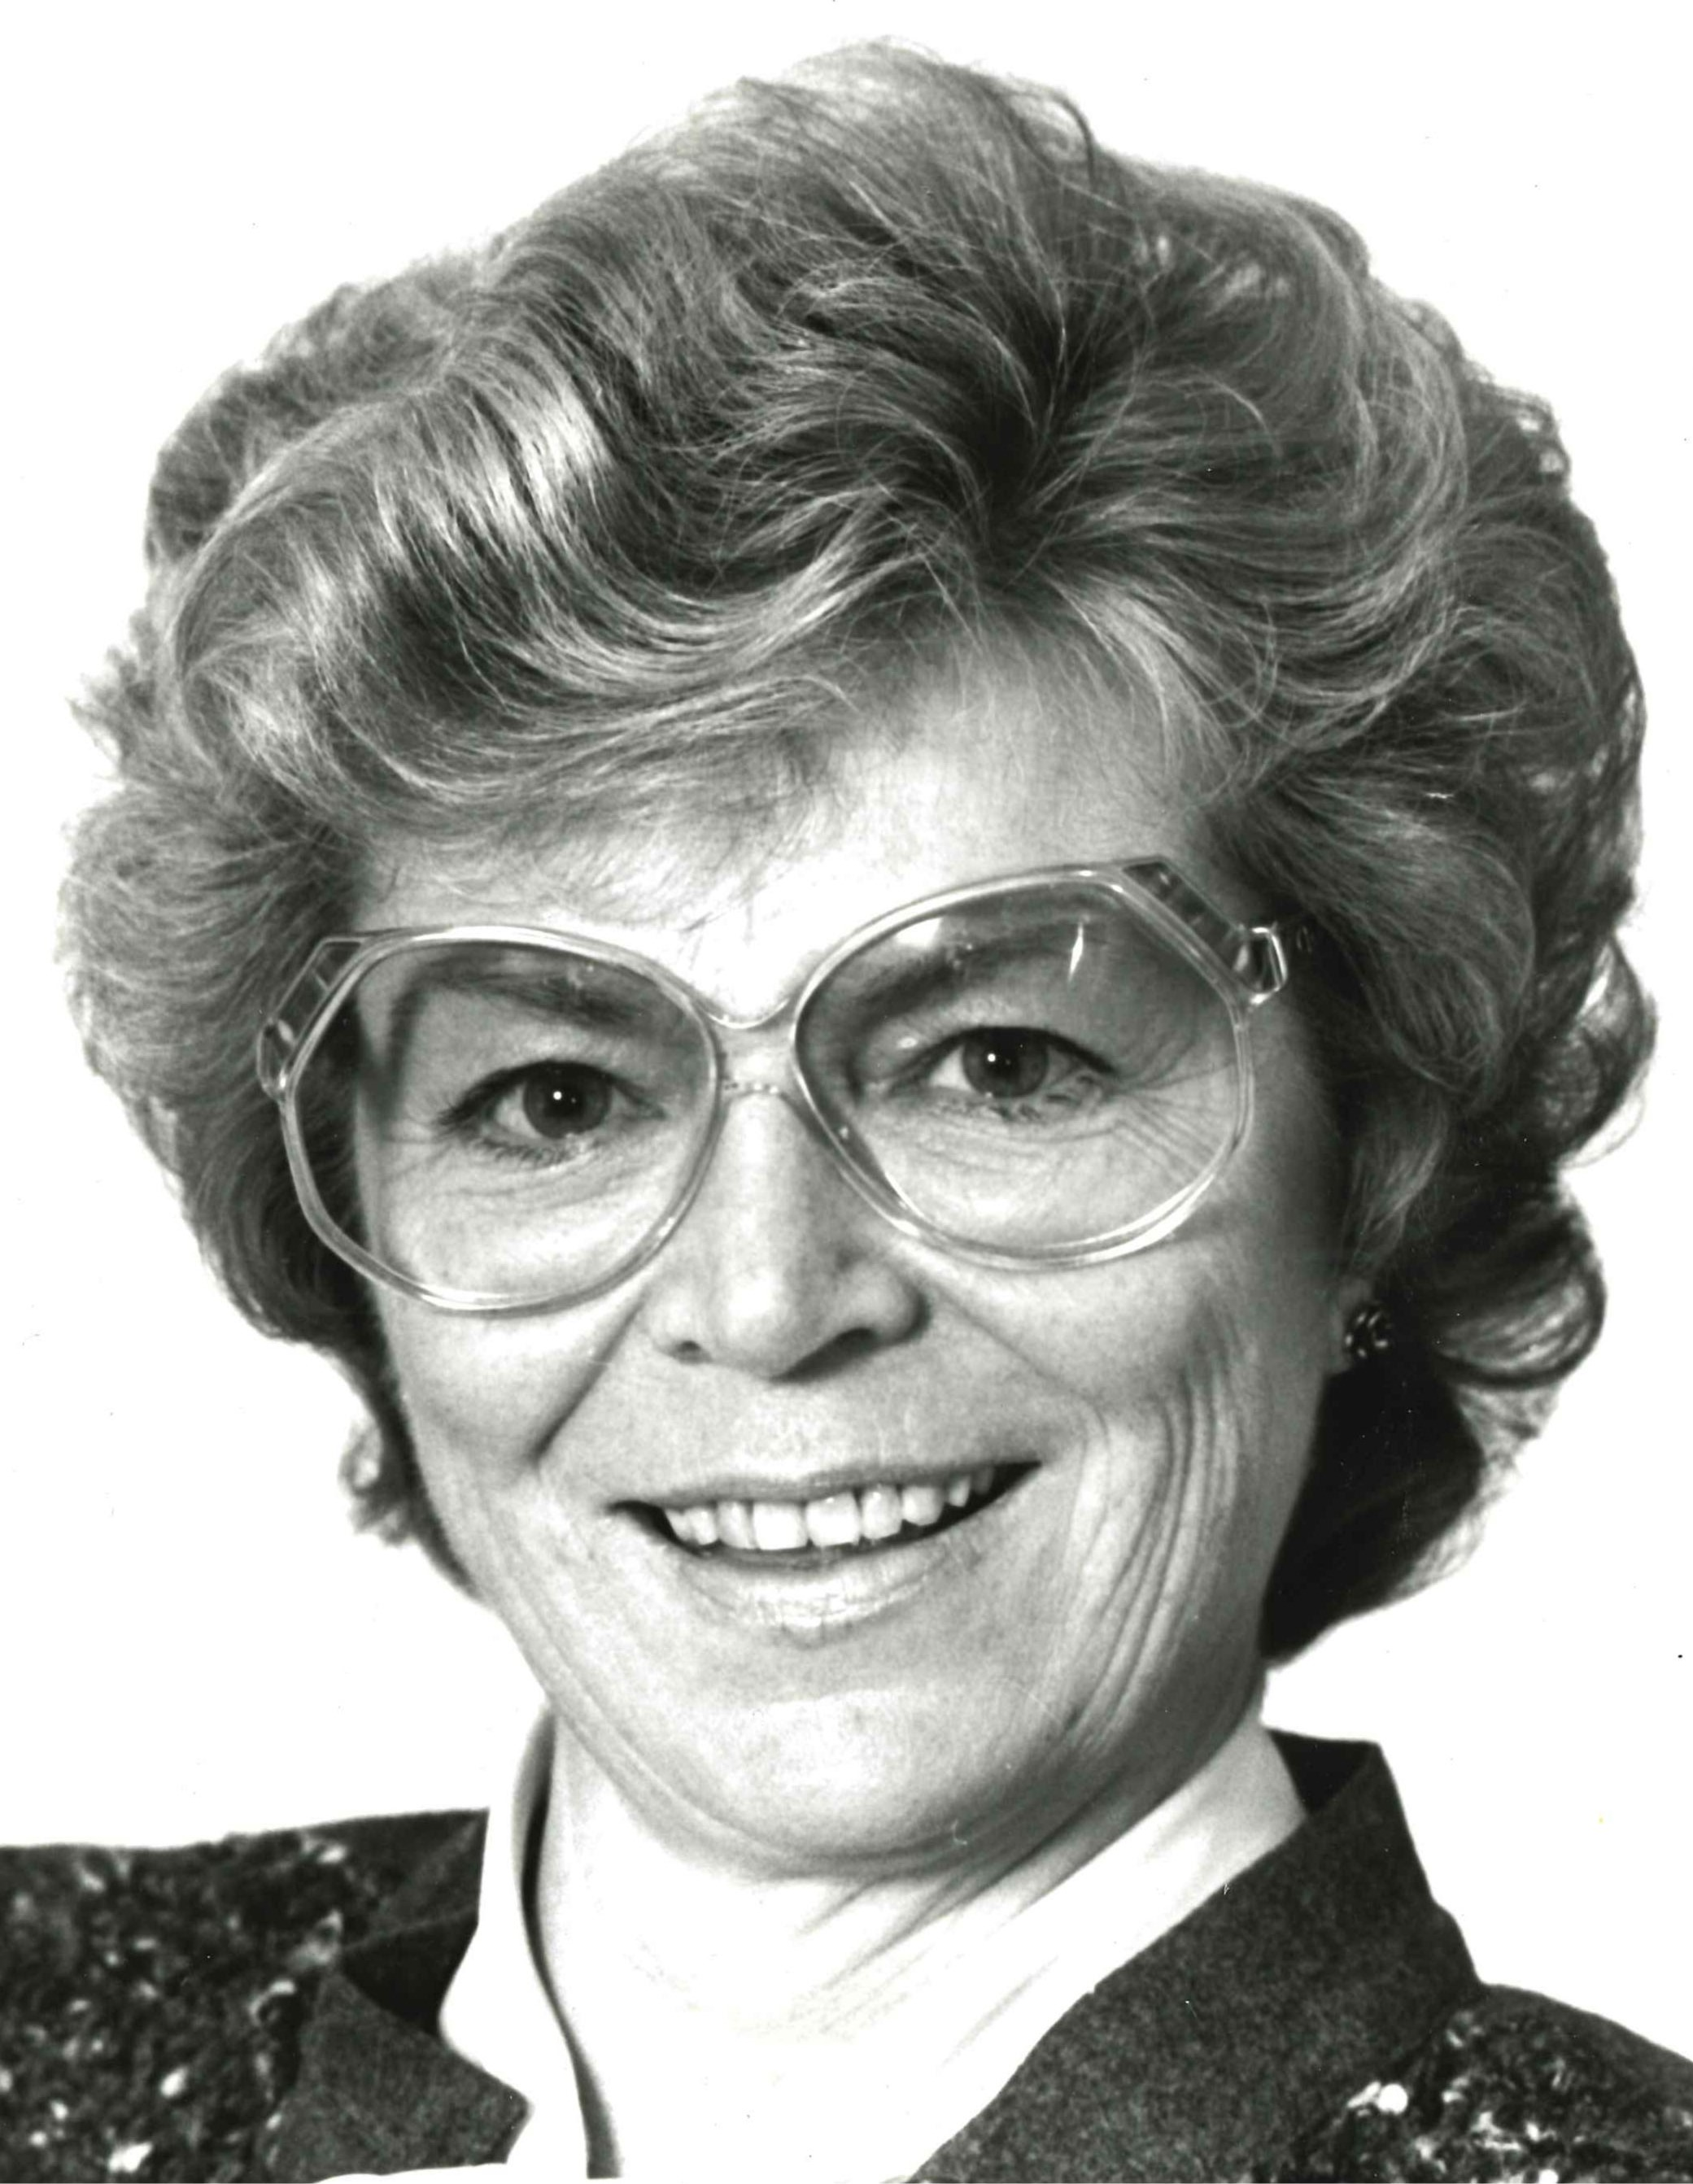 Margot Wikström. Photographer and year unknown